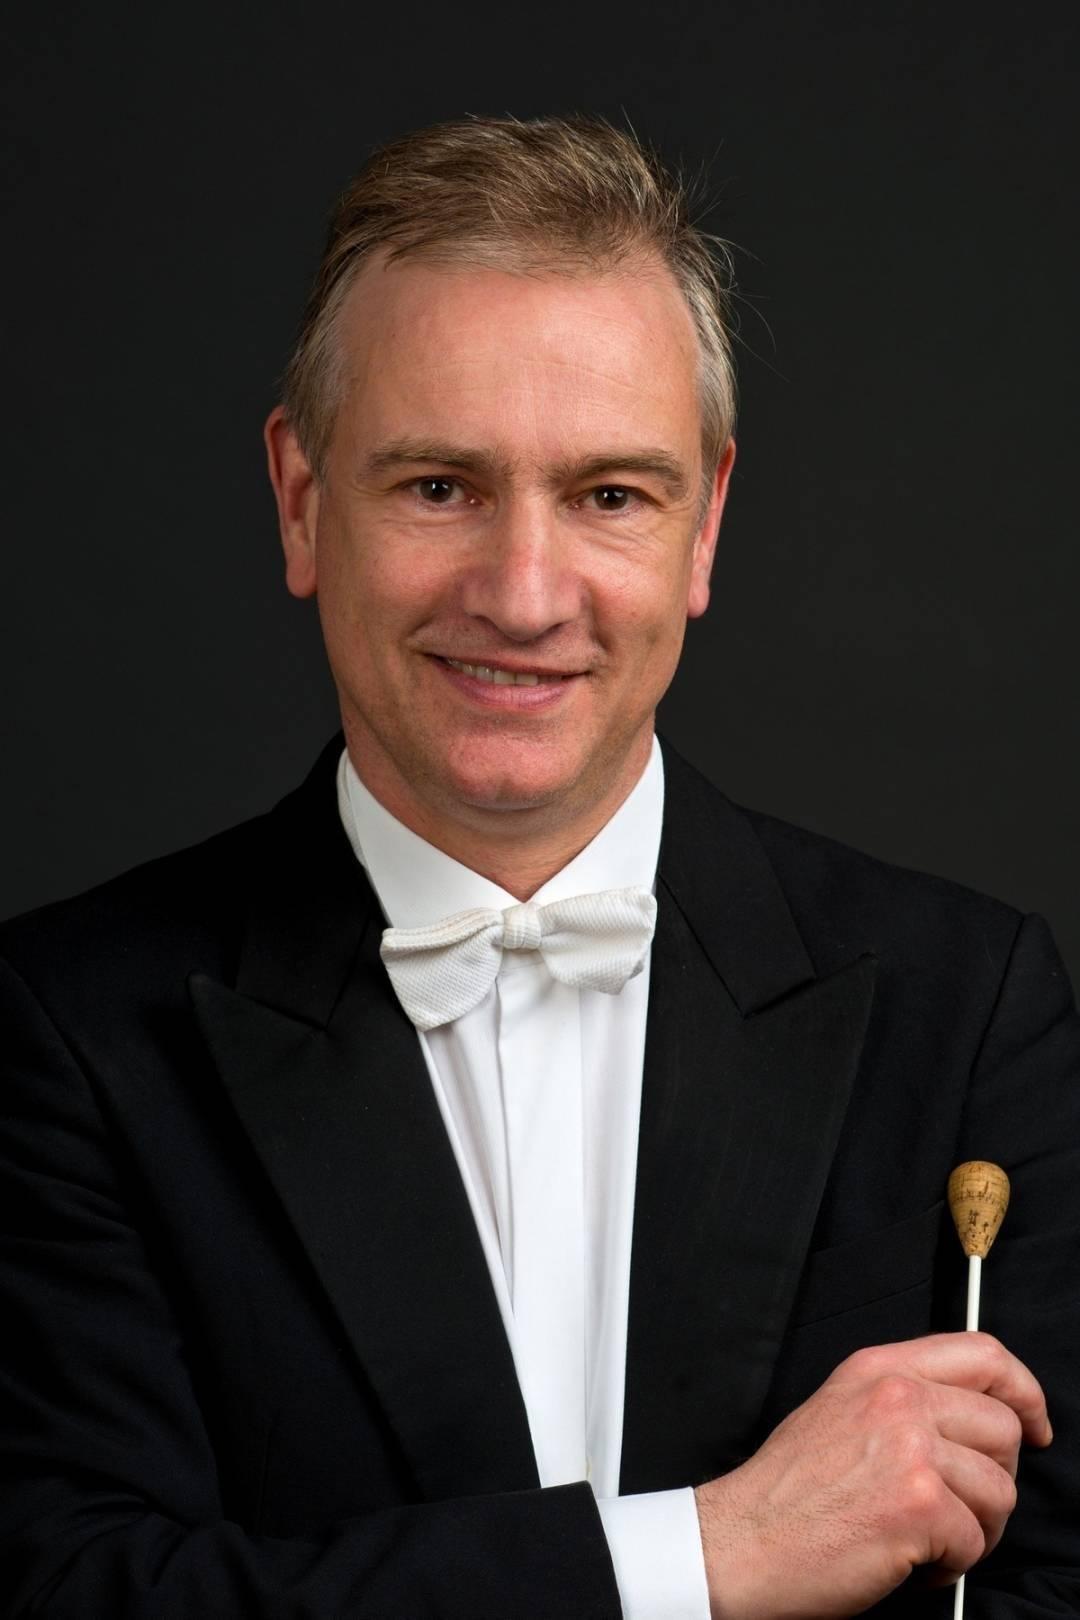 Στέφανος Τσιαλής: «Η Κρατική Ορχήστρα Αθηνών είναι από τις καλύτερες της